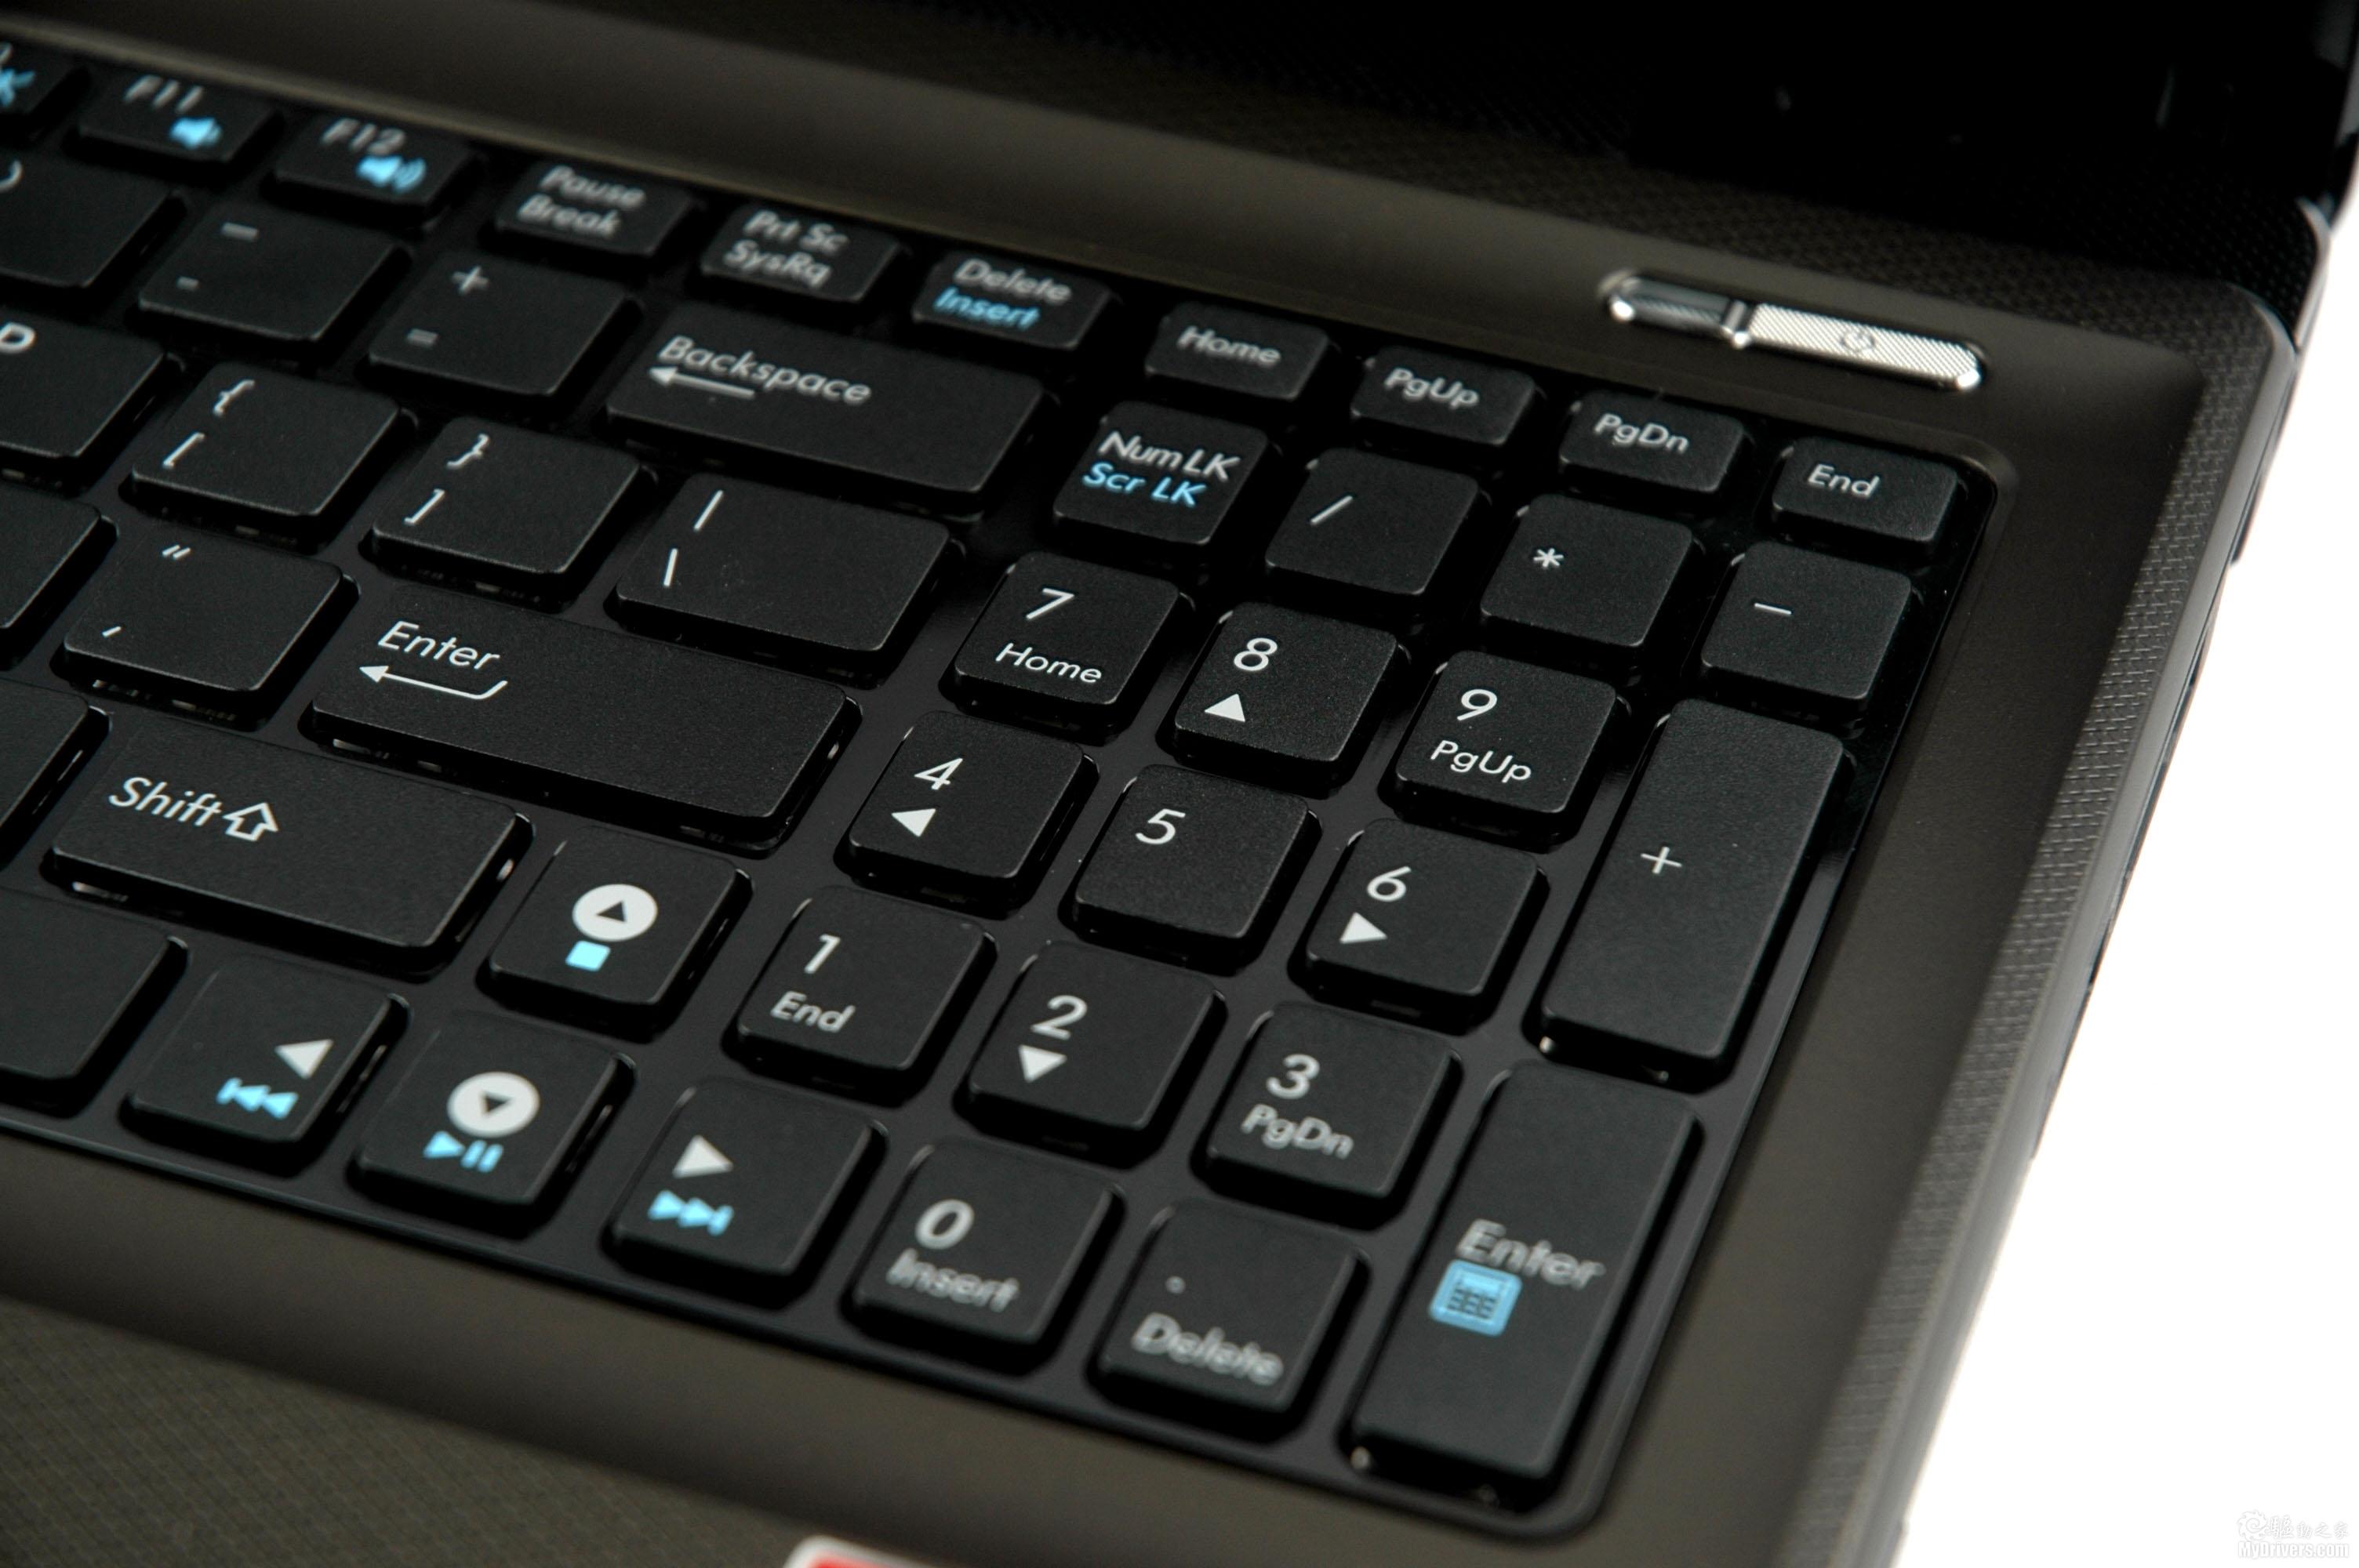 键盘字母变成了数字_华硕笔记本电脑数字键盘切换 数码